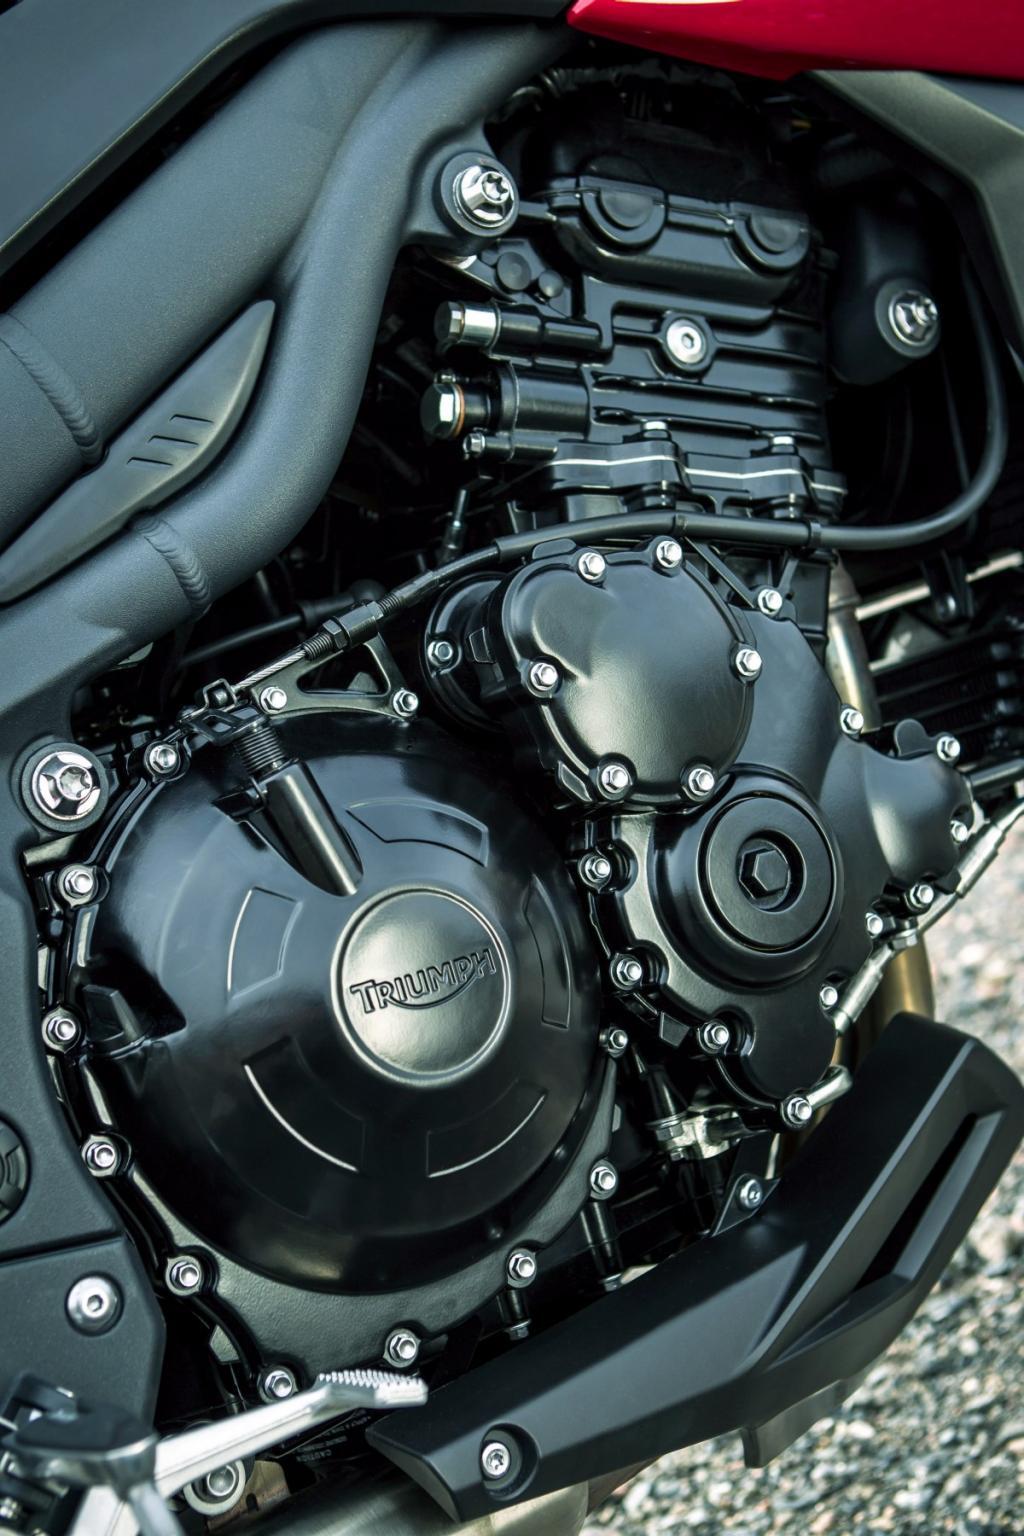 http://www.motorrad-bilder.at/slideshows/291/008935/12.jpg